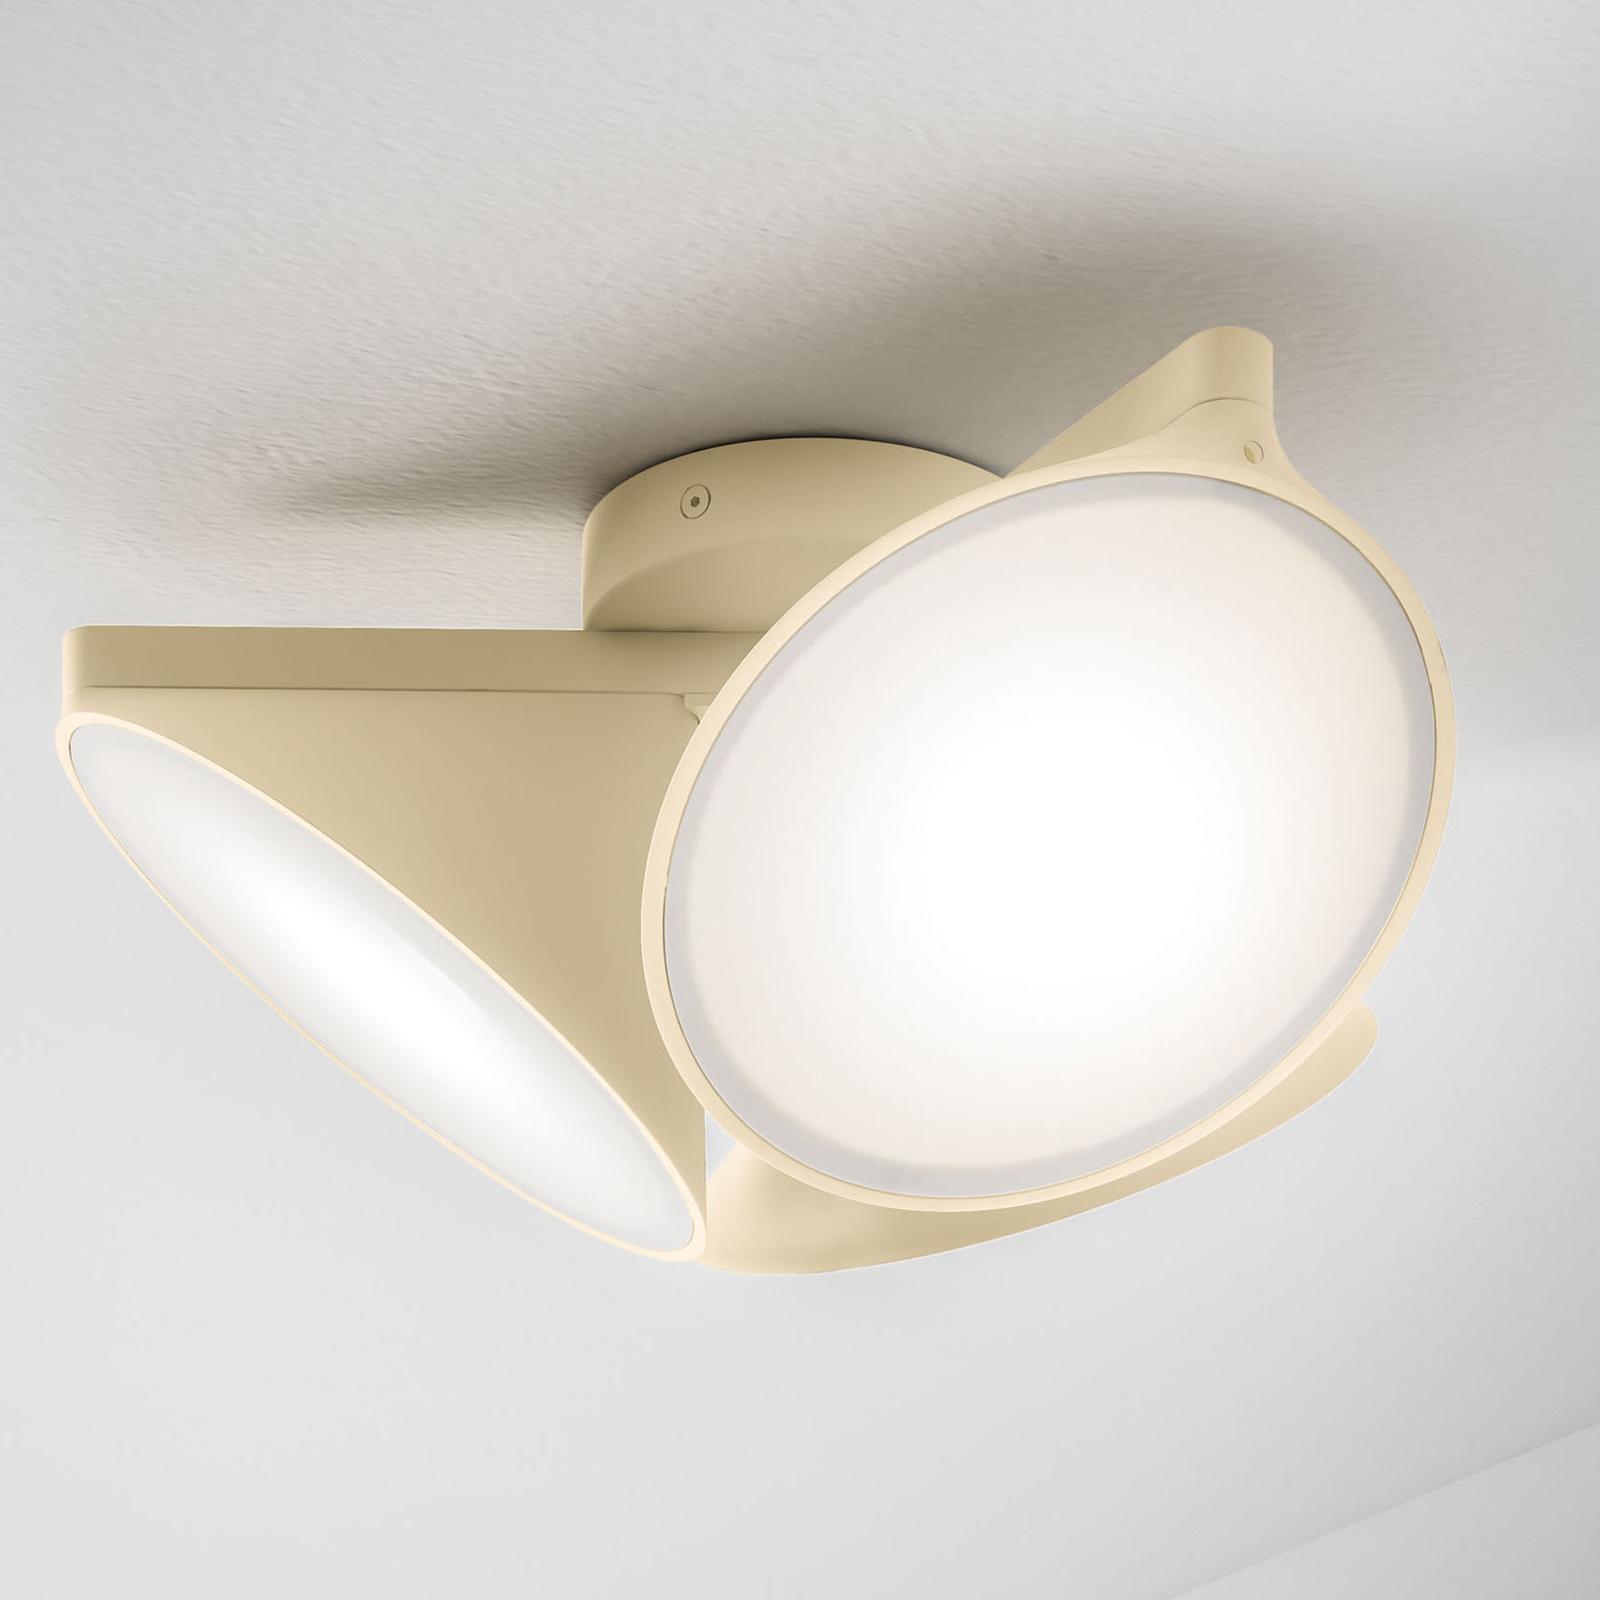 Axolight Orchid LED plafondlamp, zand